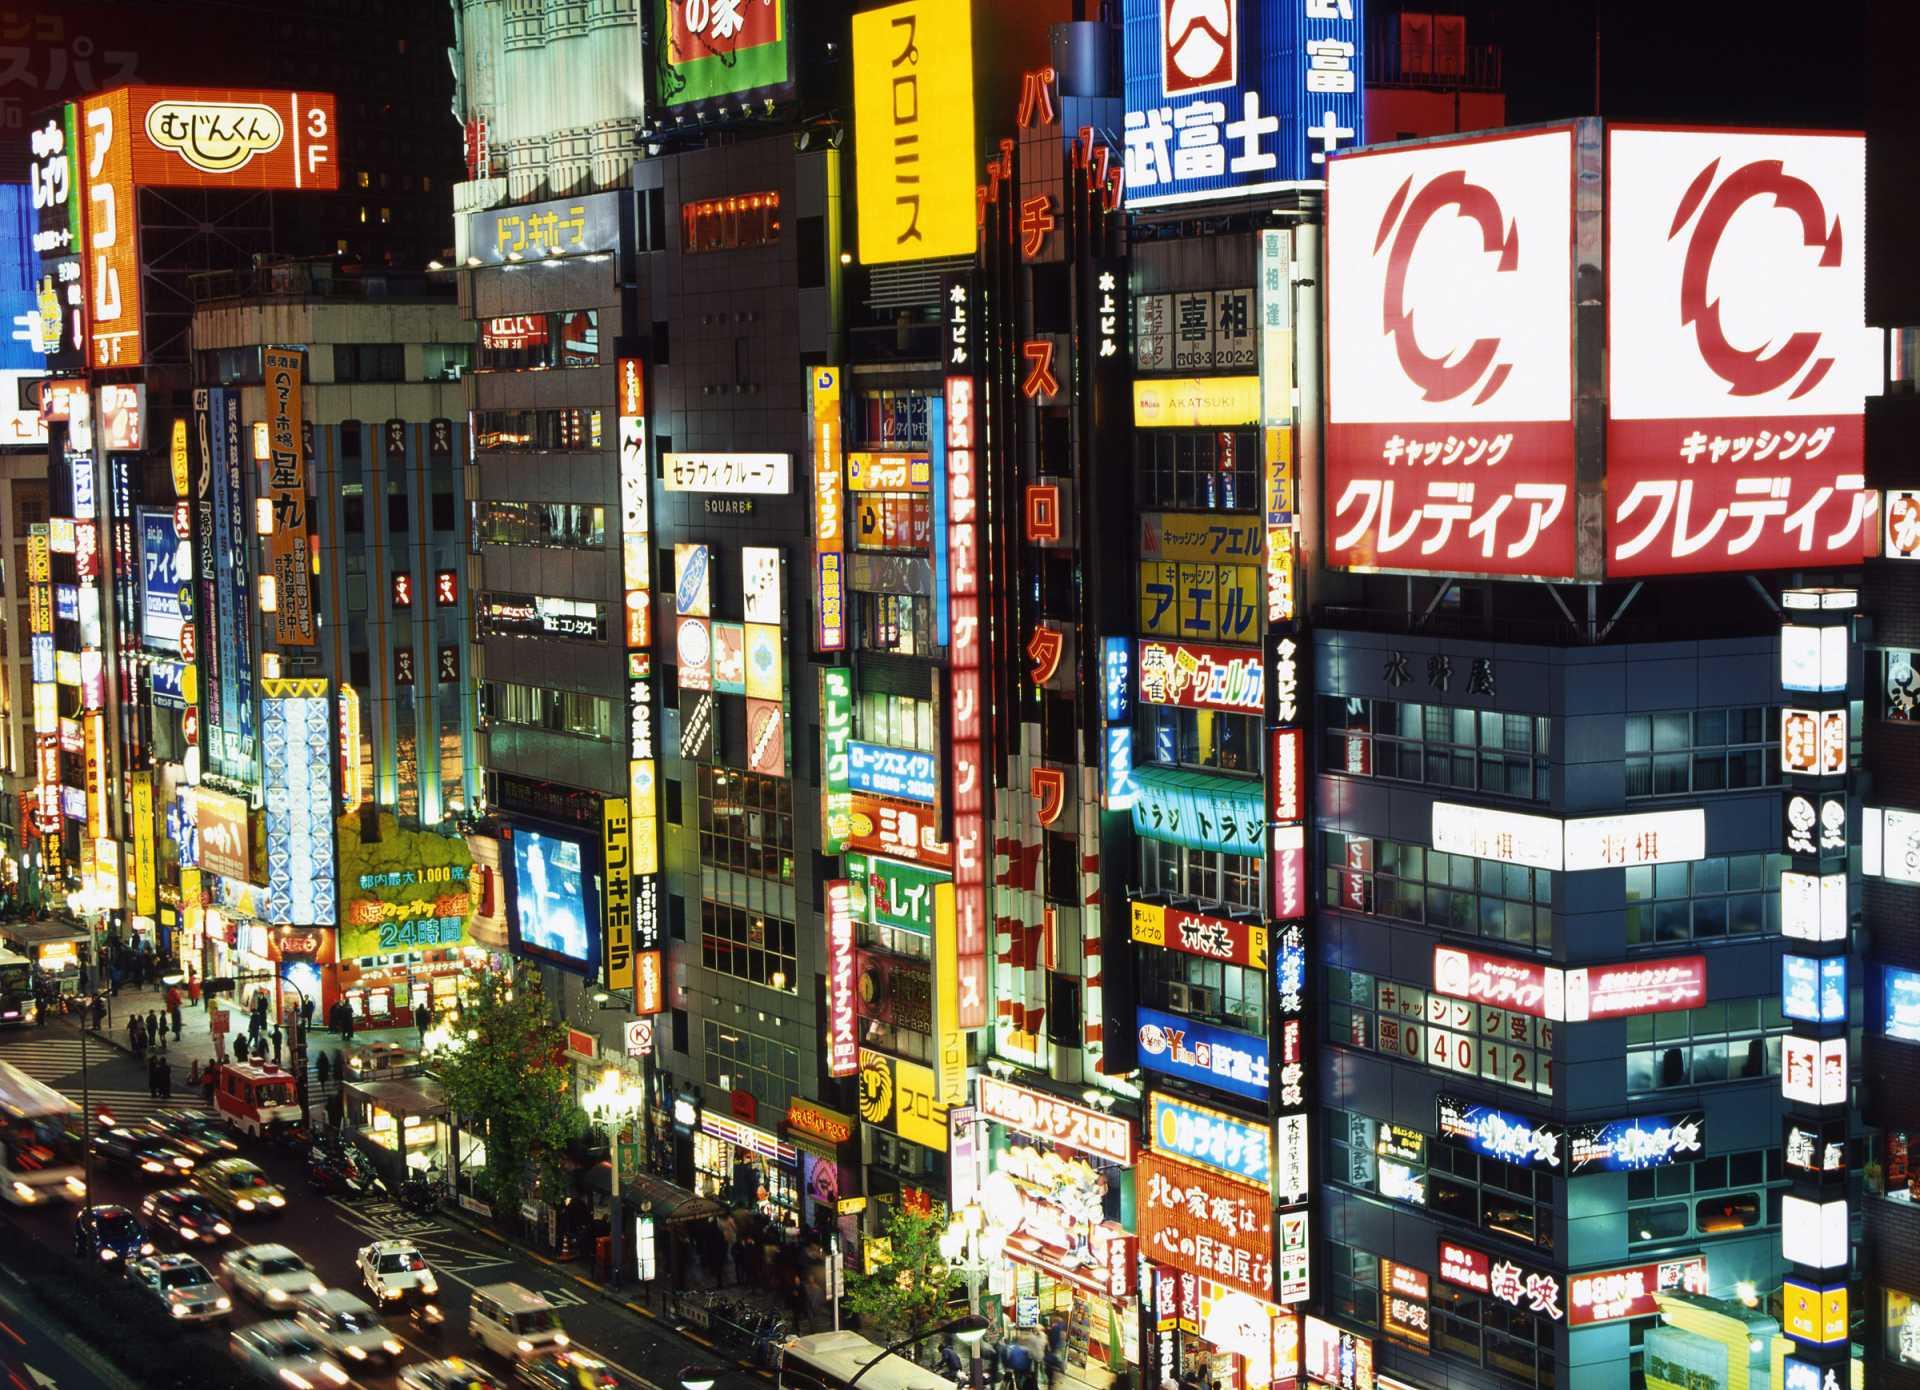 歌舞伎町、歌舞伎町一番街、不夜城、餐厅、酒吧、夜总会、俱乐部、KTV、麻将、居酒屋、保龄球